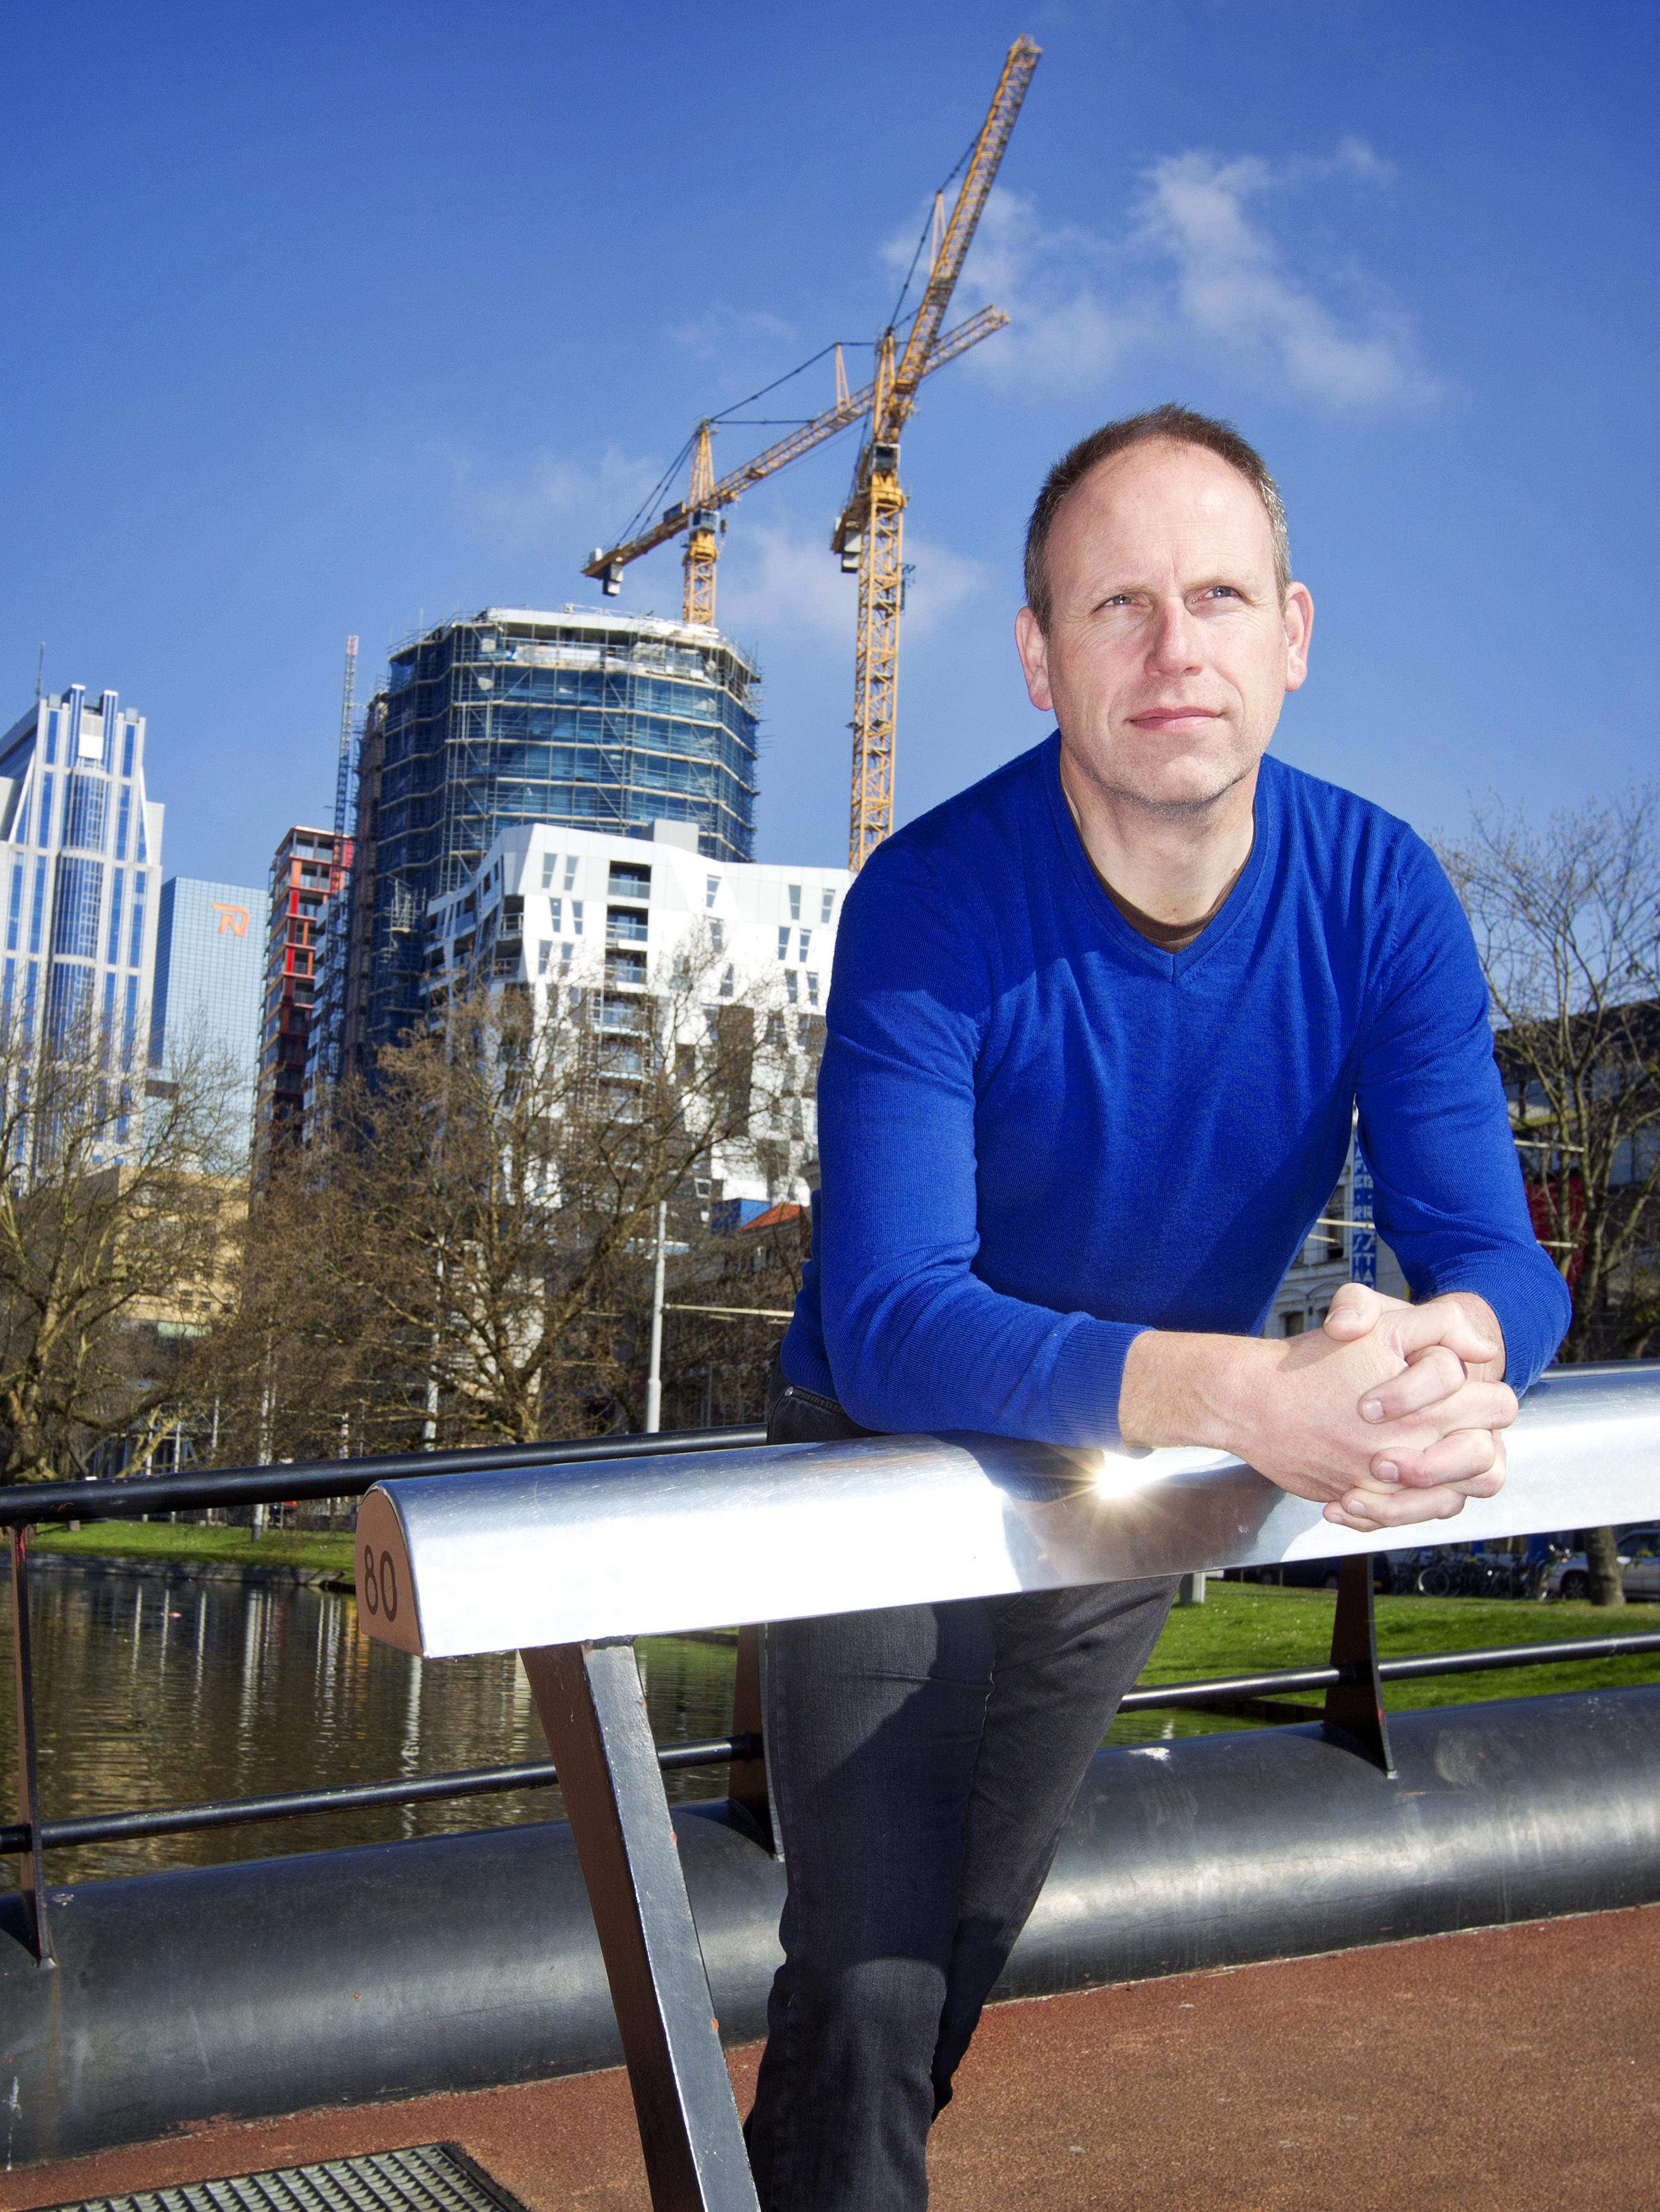 Guus Schoonewille @ PERSCO.nl +31(0)6 456 12 852 info@persco.nl